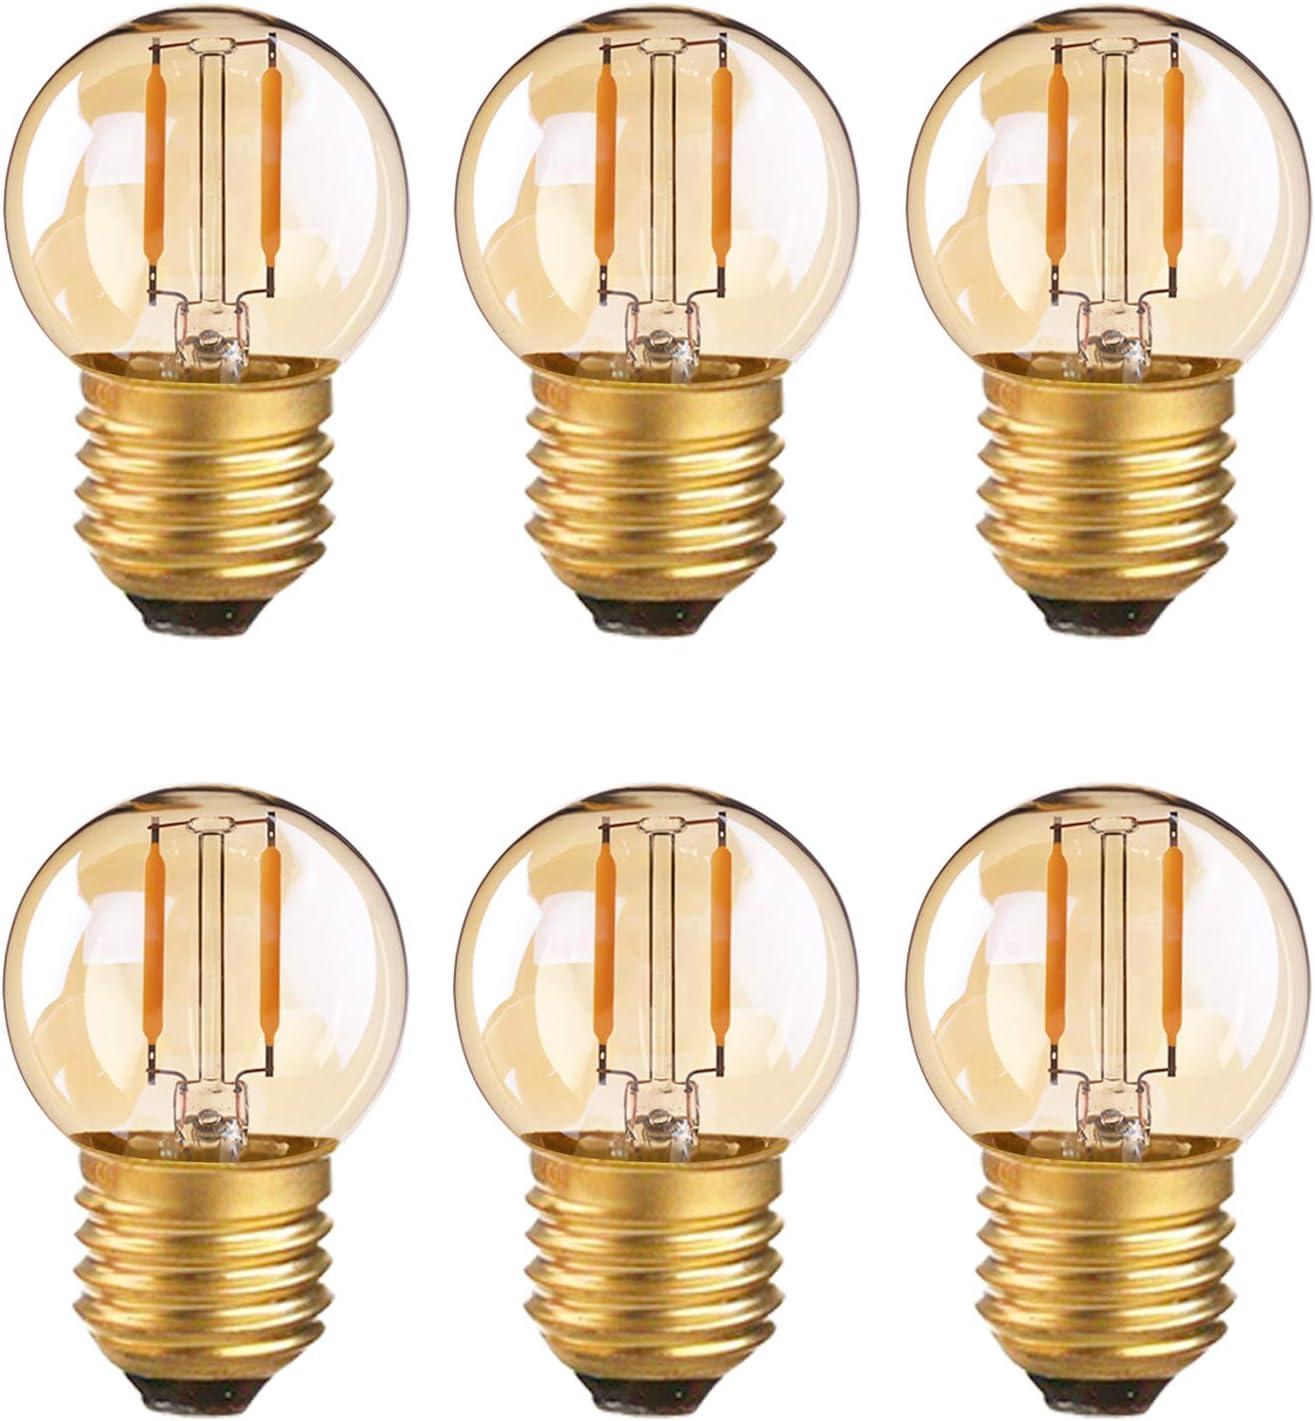 Bombilla de filamento LED G40 Mini Globe Light 1W Low Voltage AC / DC 12-24V Ultra Warm White 2200K Amber Glow 10W Reemplazo equivalente - E27 Bombillas de candelabro - No regulable - Paquete de 6